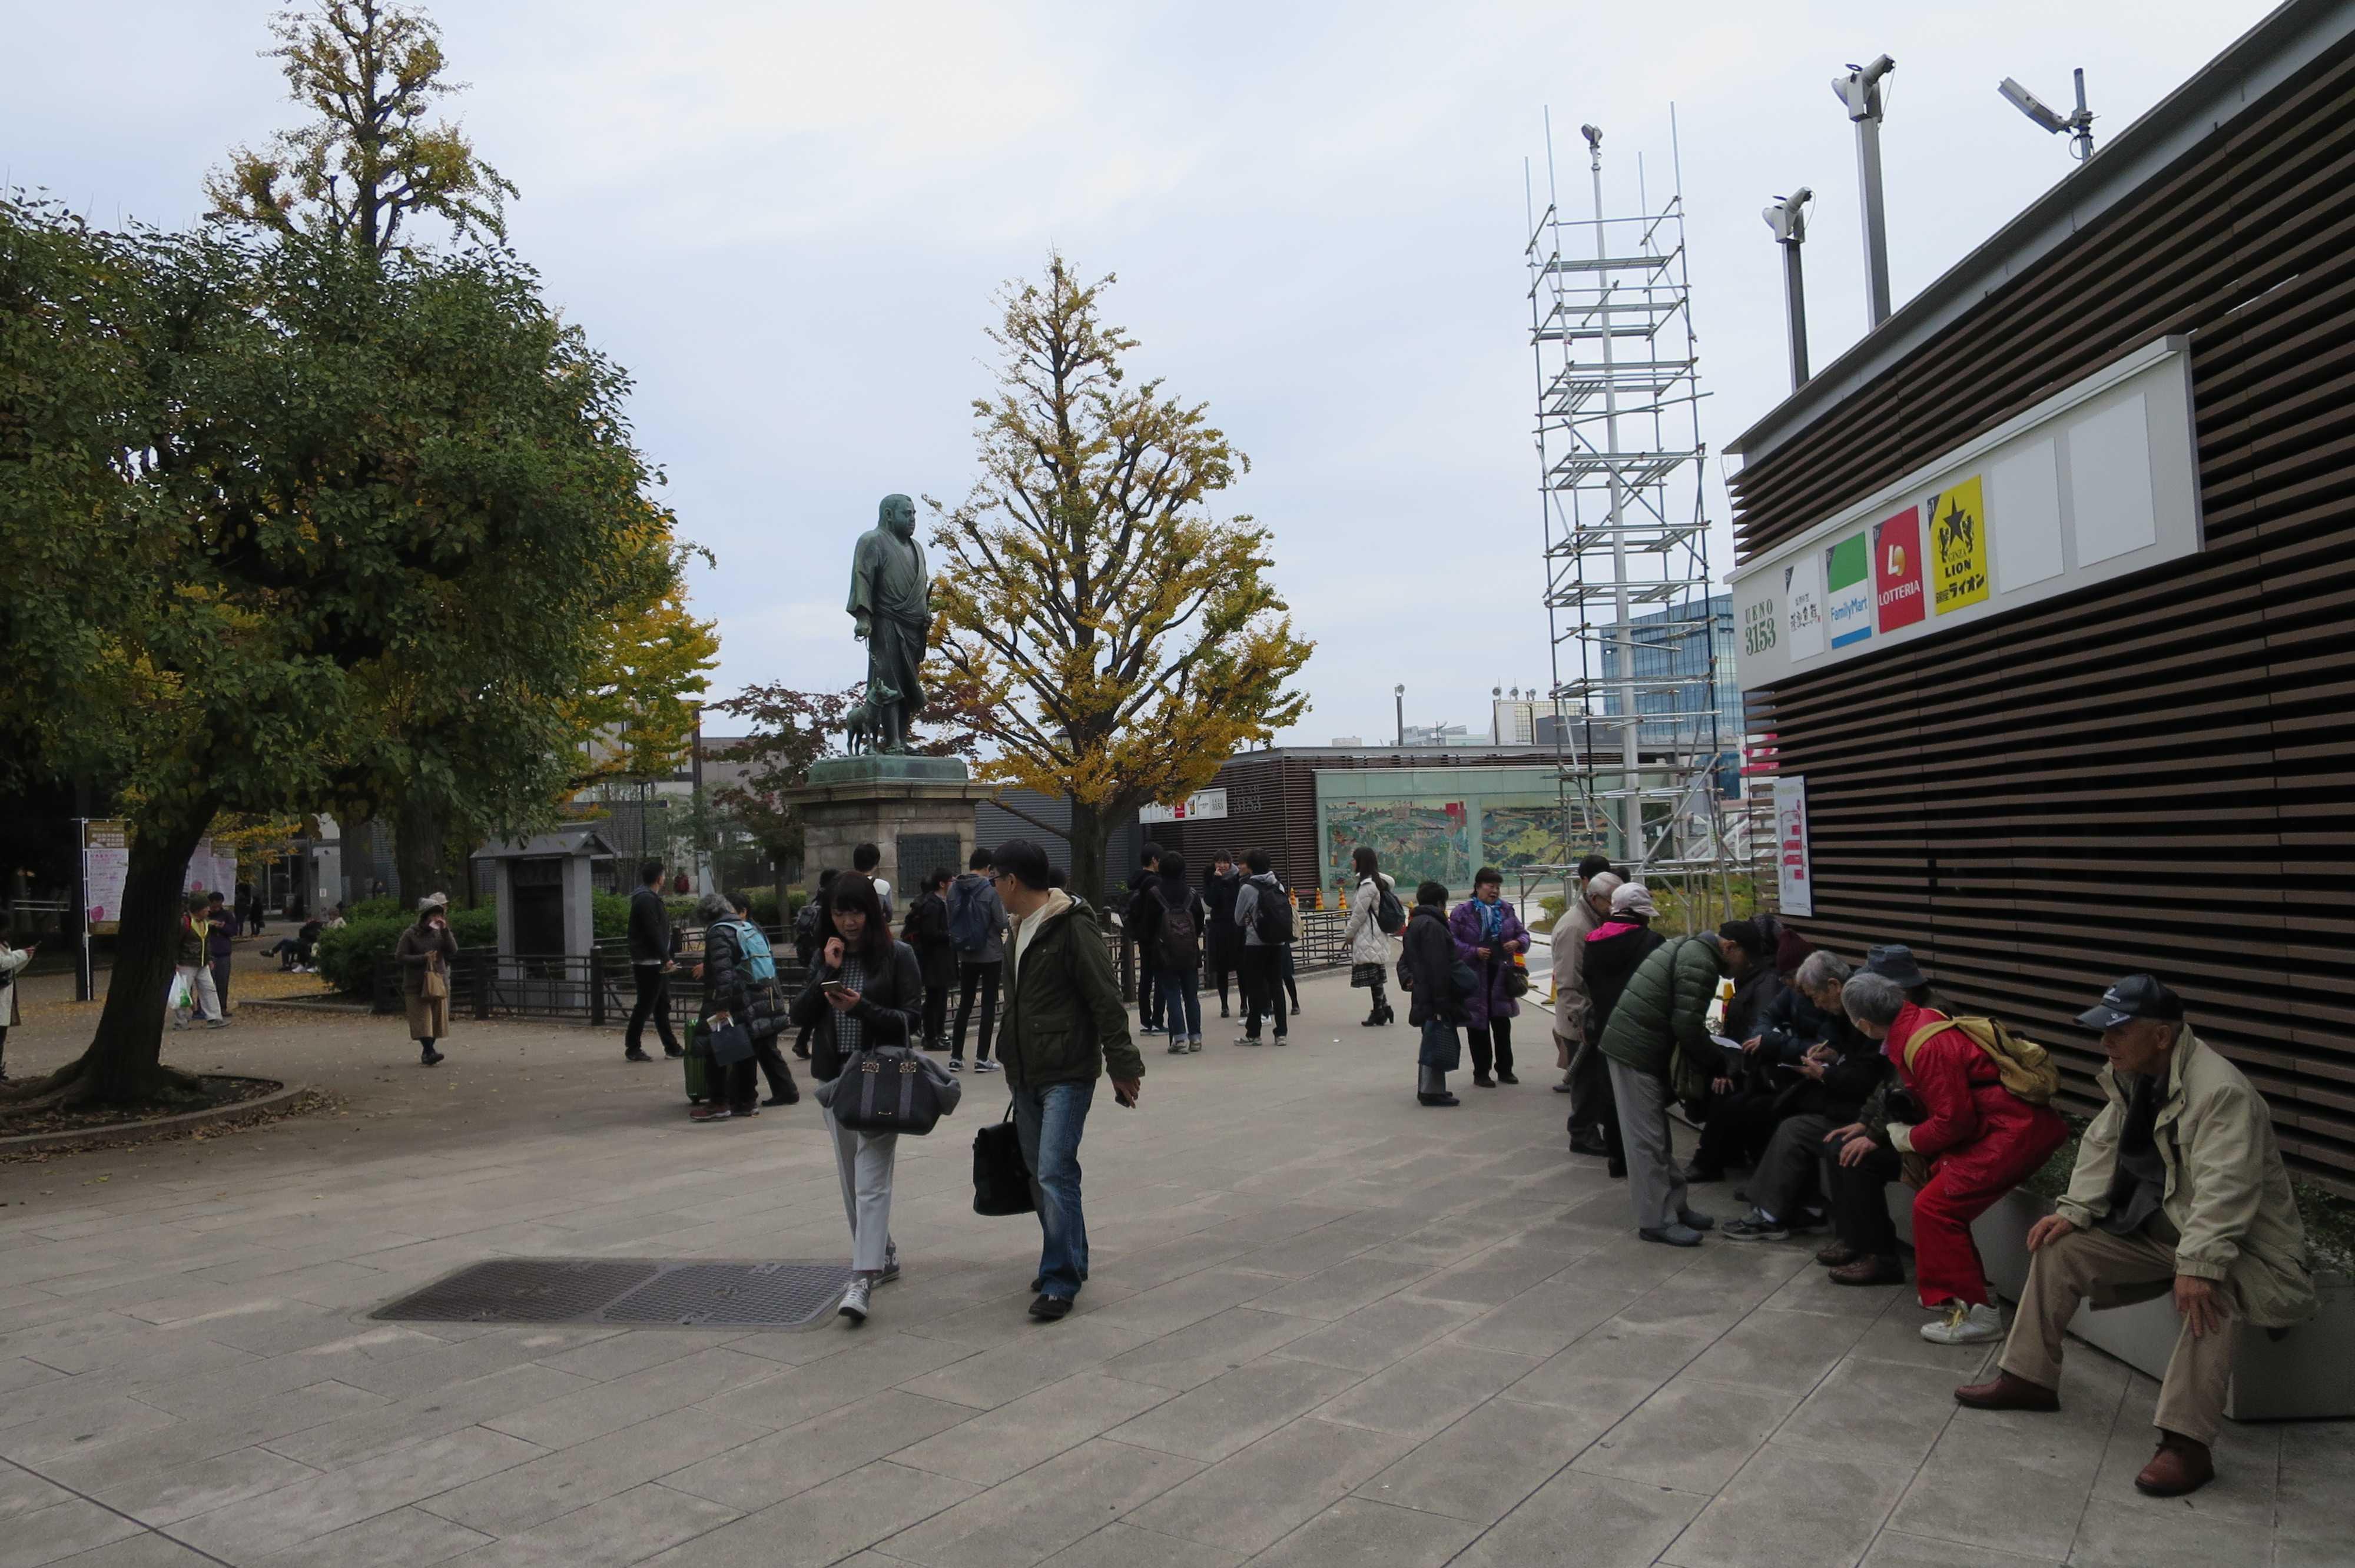 上野公園の西郷隆盛銅像